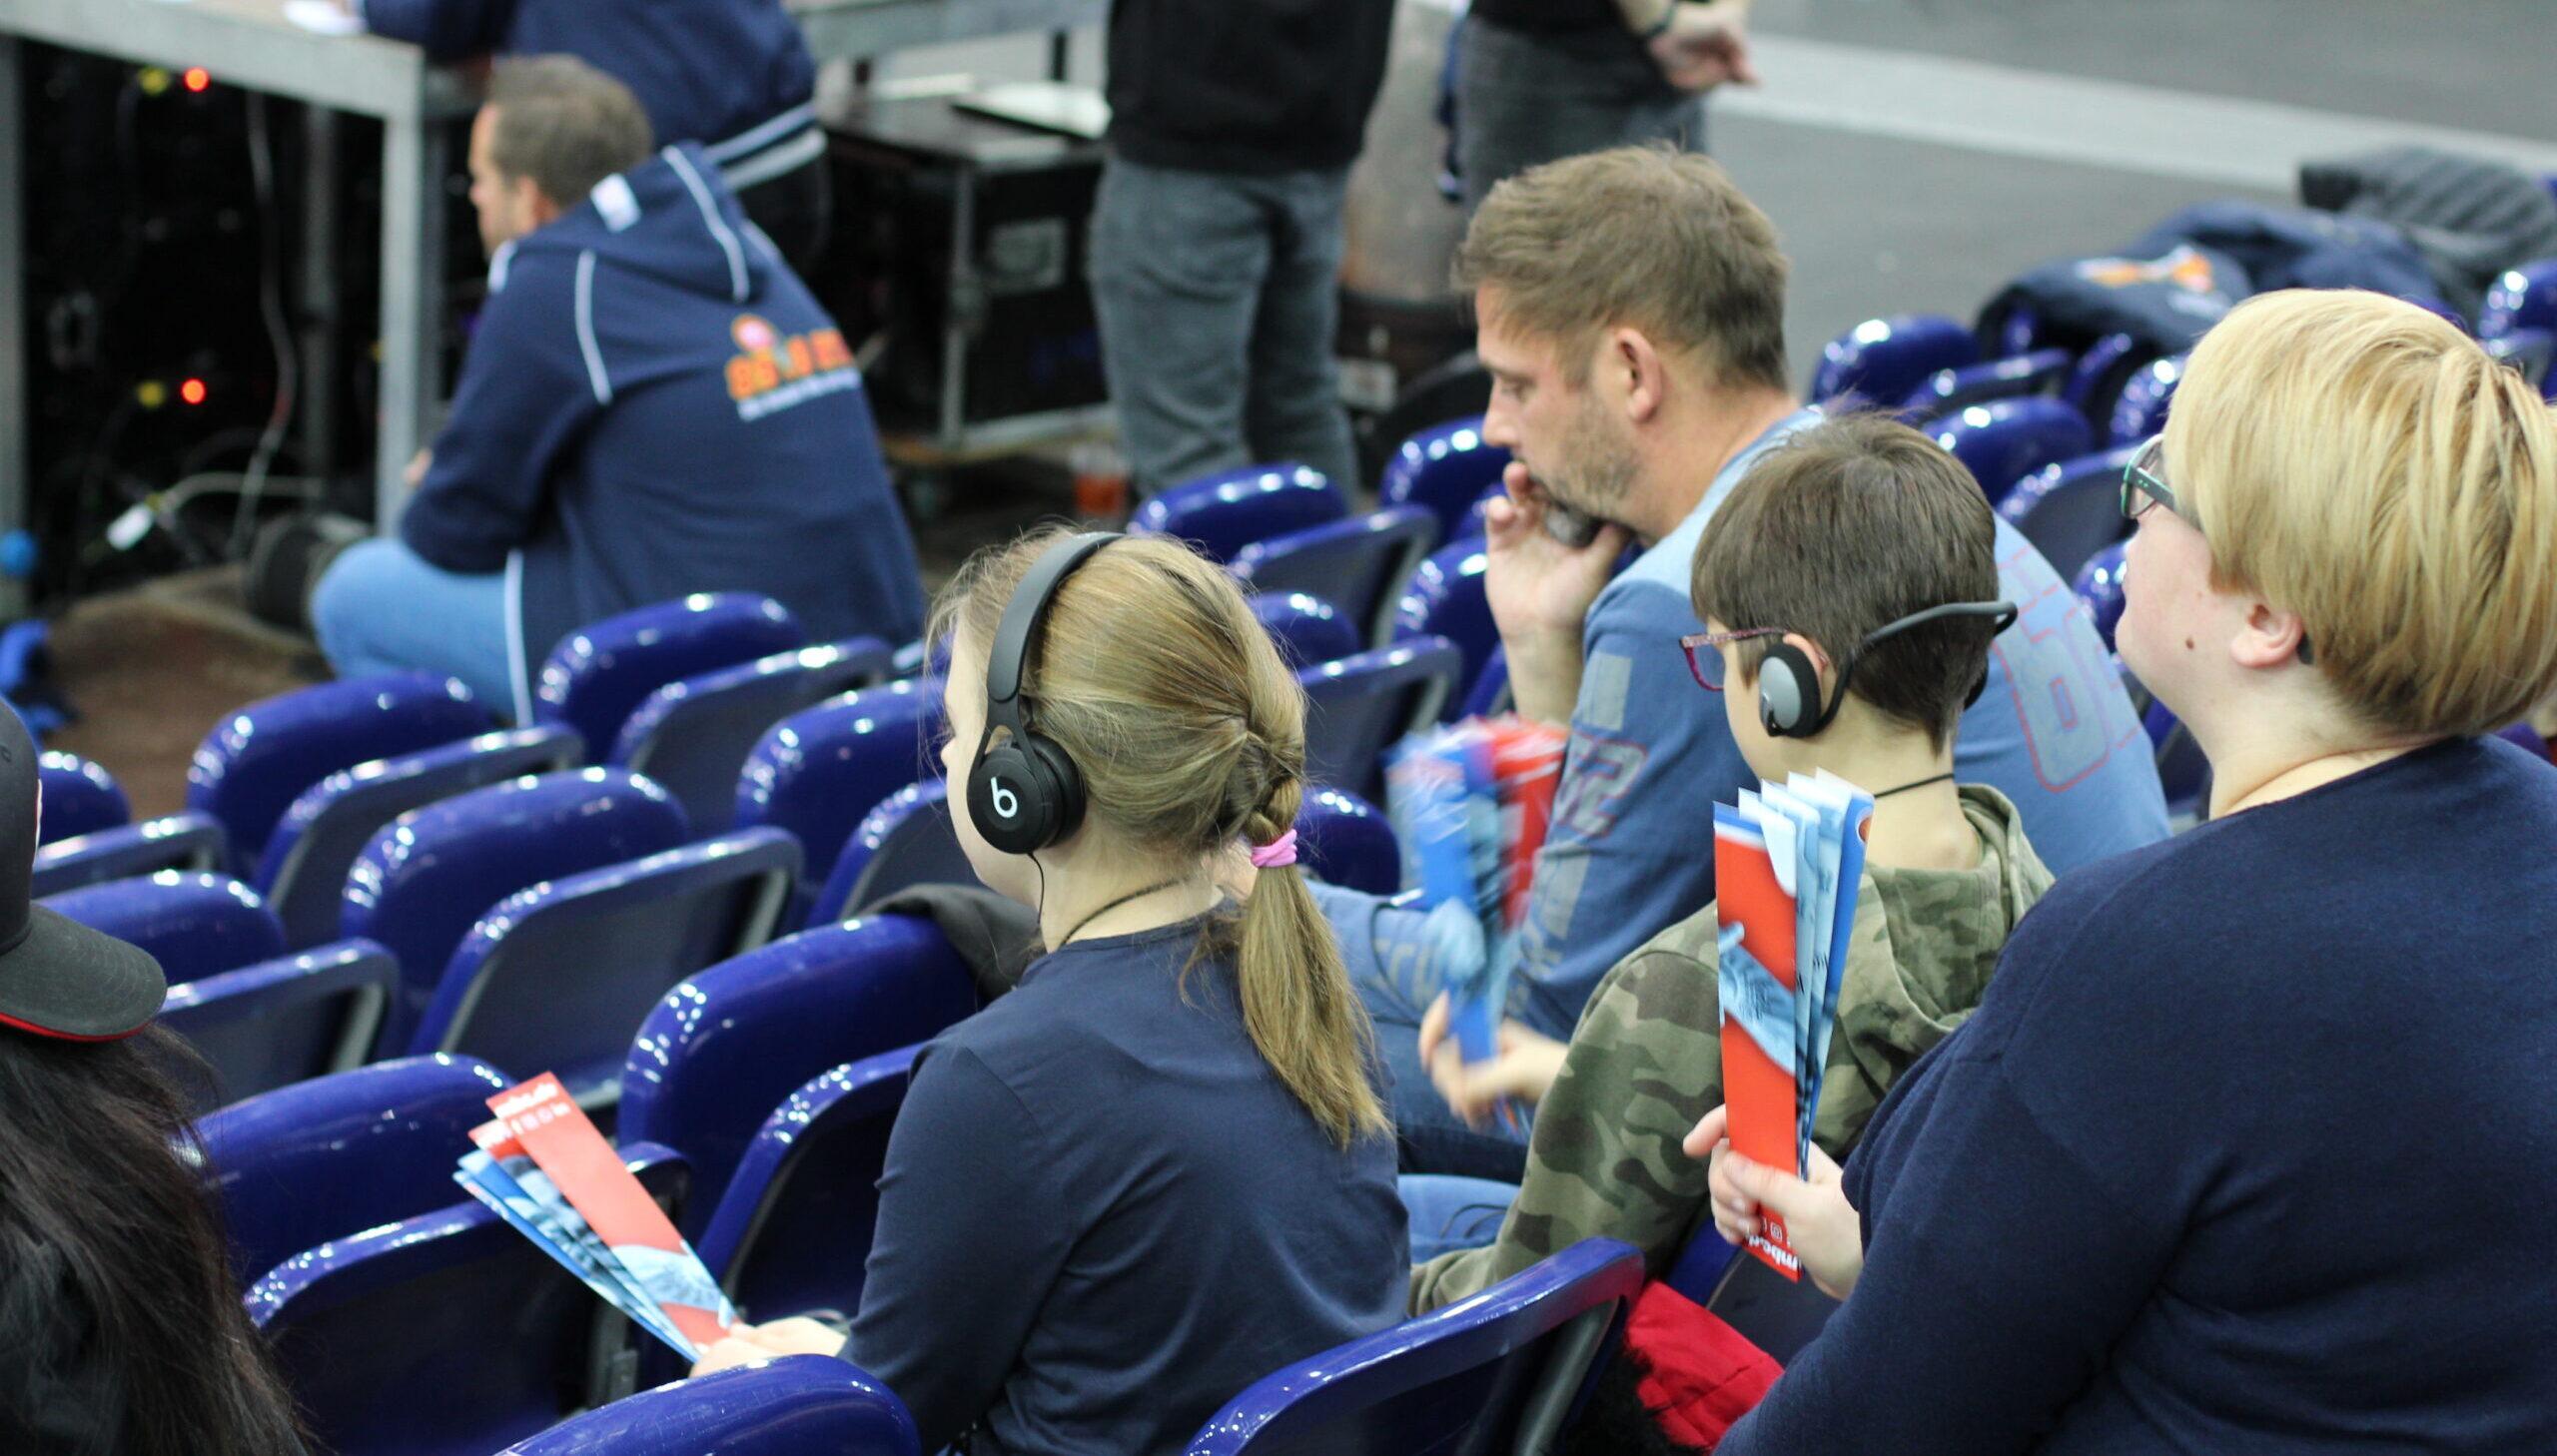 Sehbehinderte und blinde Gäste bei einem Basketballspiel. Über Kopfhörer verfolgen sie die Live-Audiodeskription, die von den HörMal Audiodeskription Reportern Florian Eib und Jari Schaller bereitgestellt wurde.